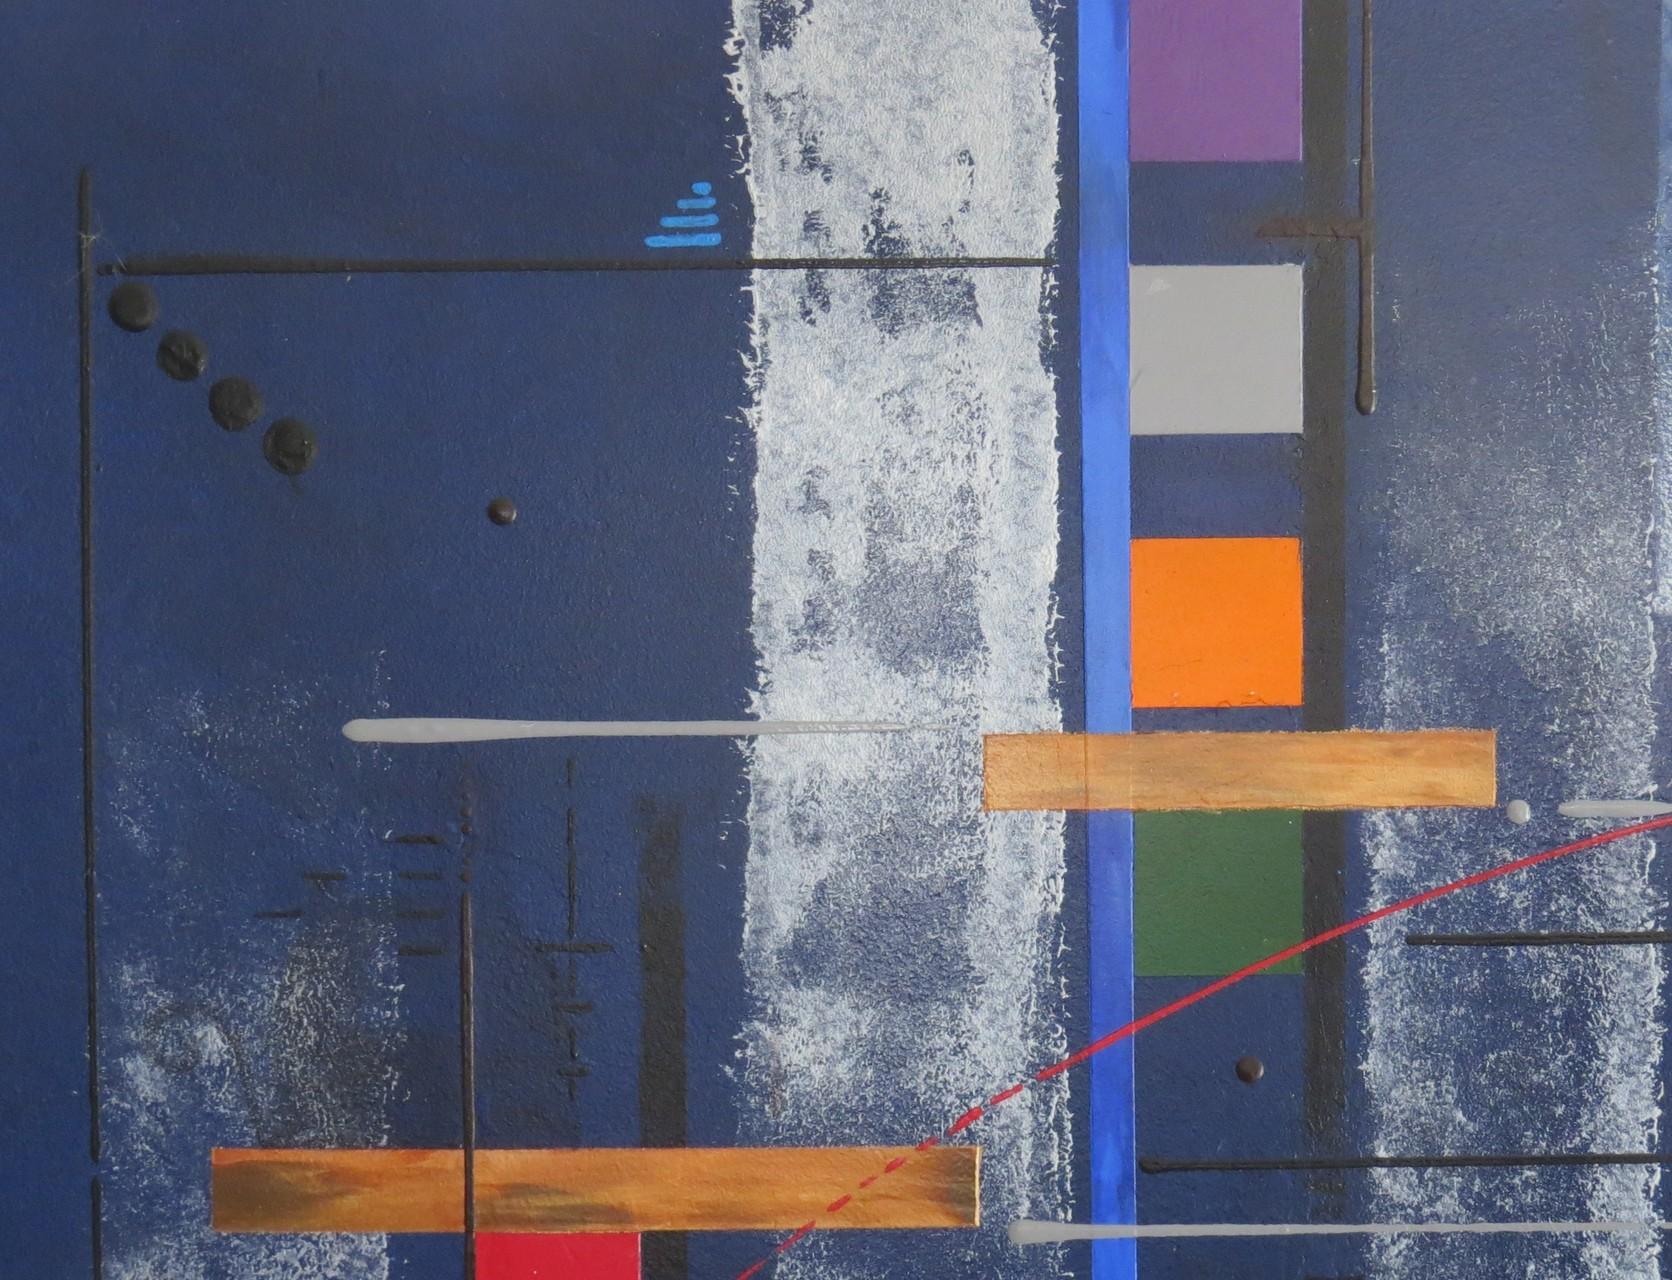 bleu d'argent vue zoom3 - daluz galego tableau abstrait abstraction